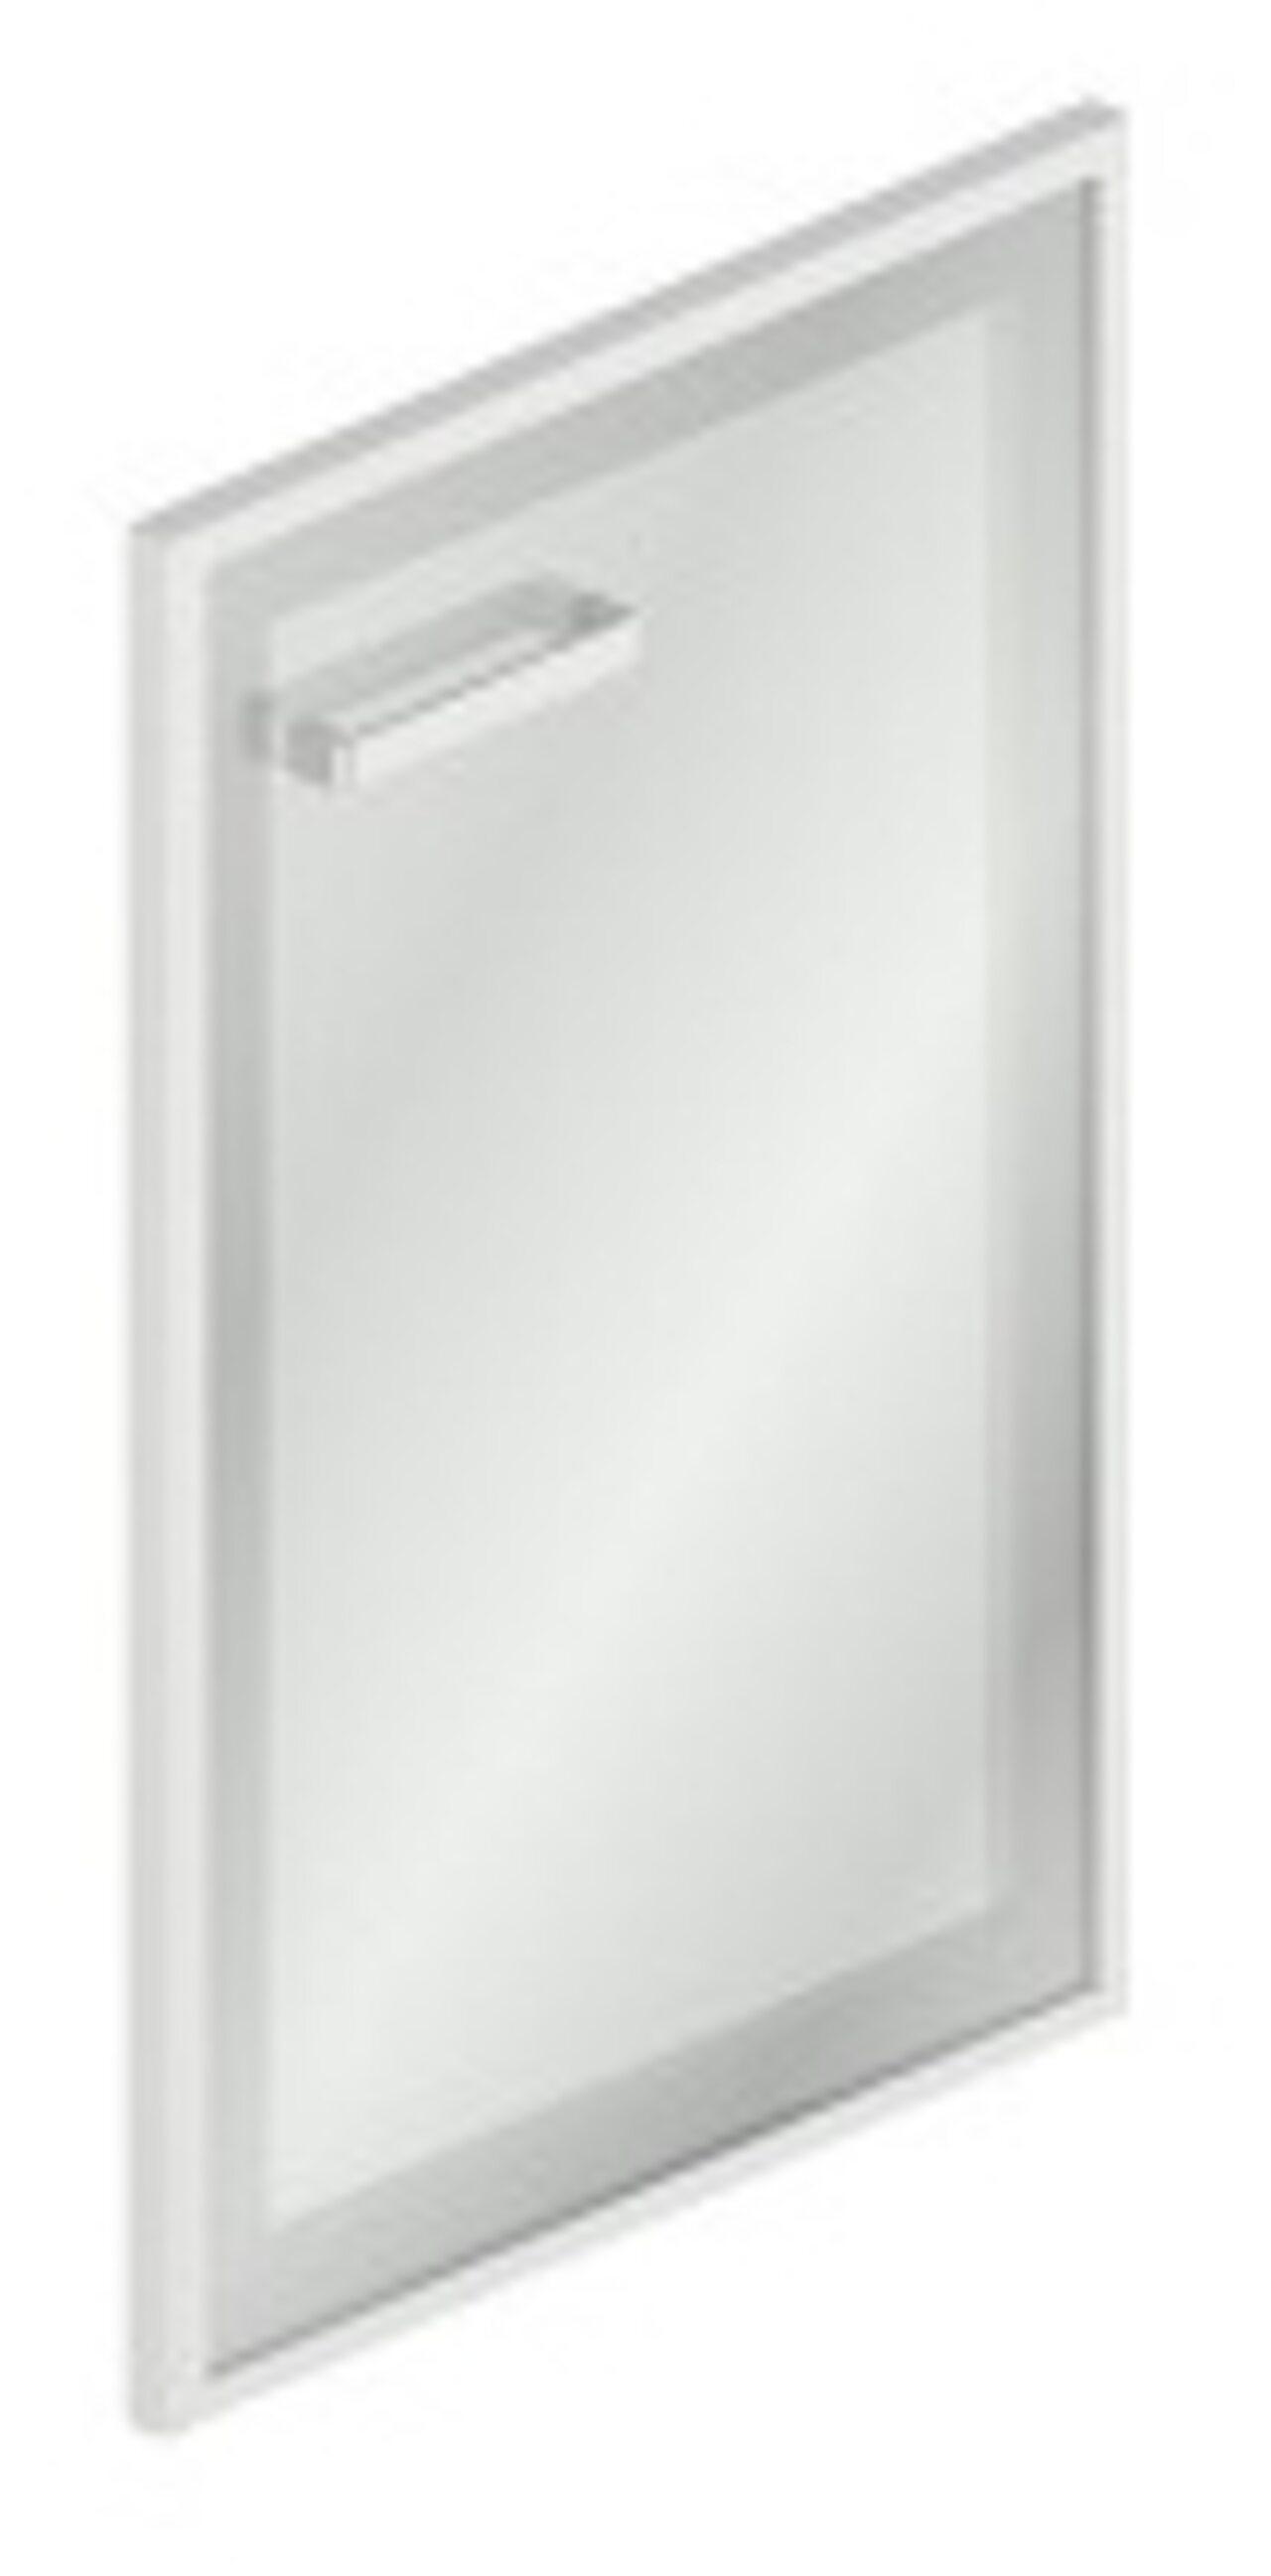 Дверь стеклянная в МДФ-рамке правая - фото 2